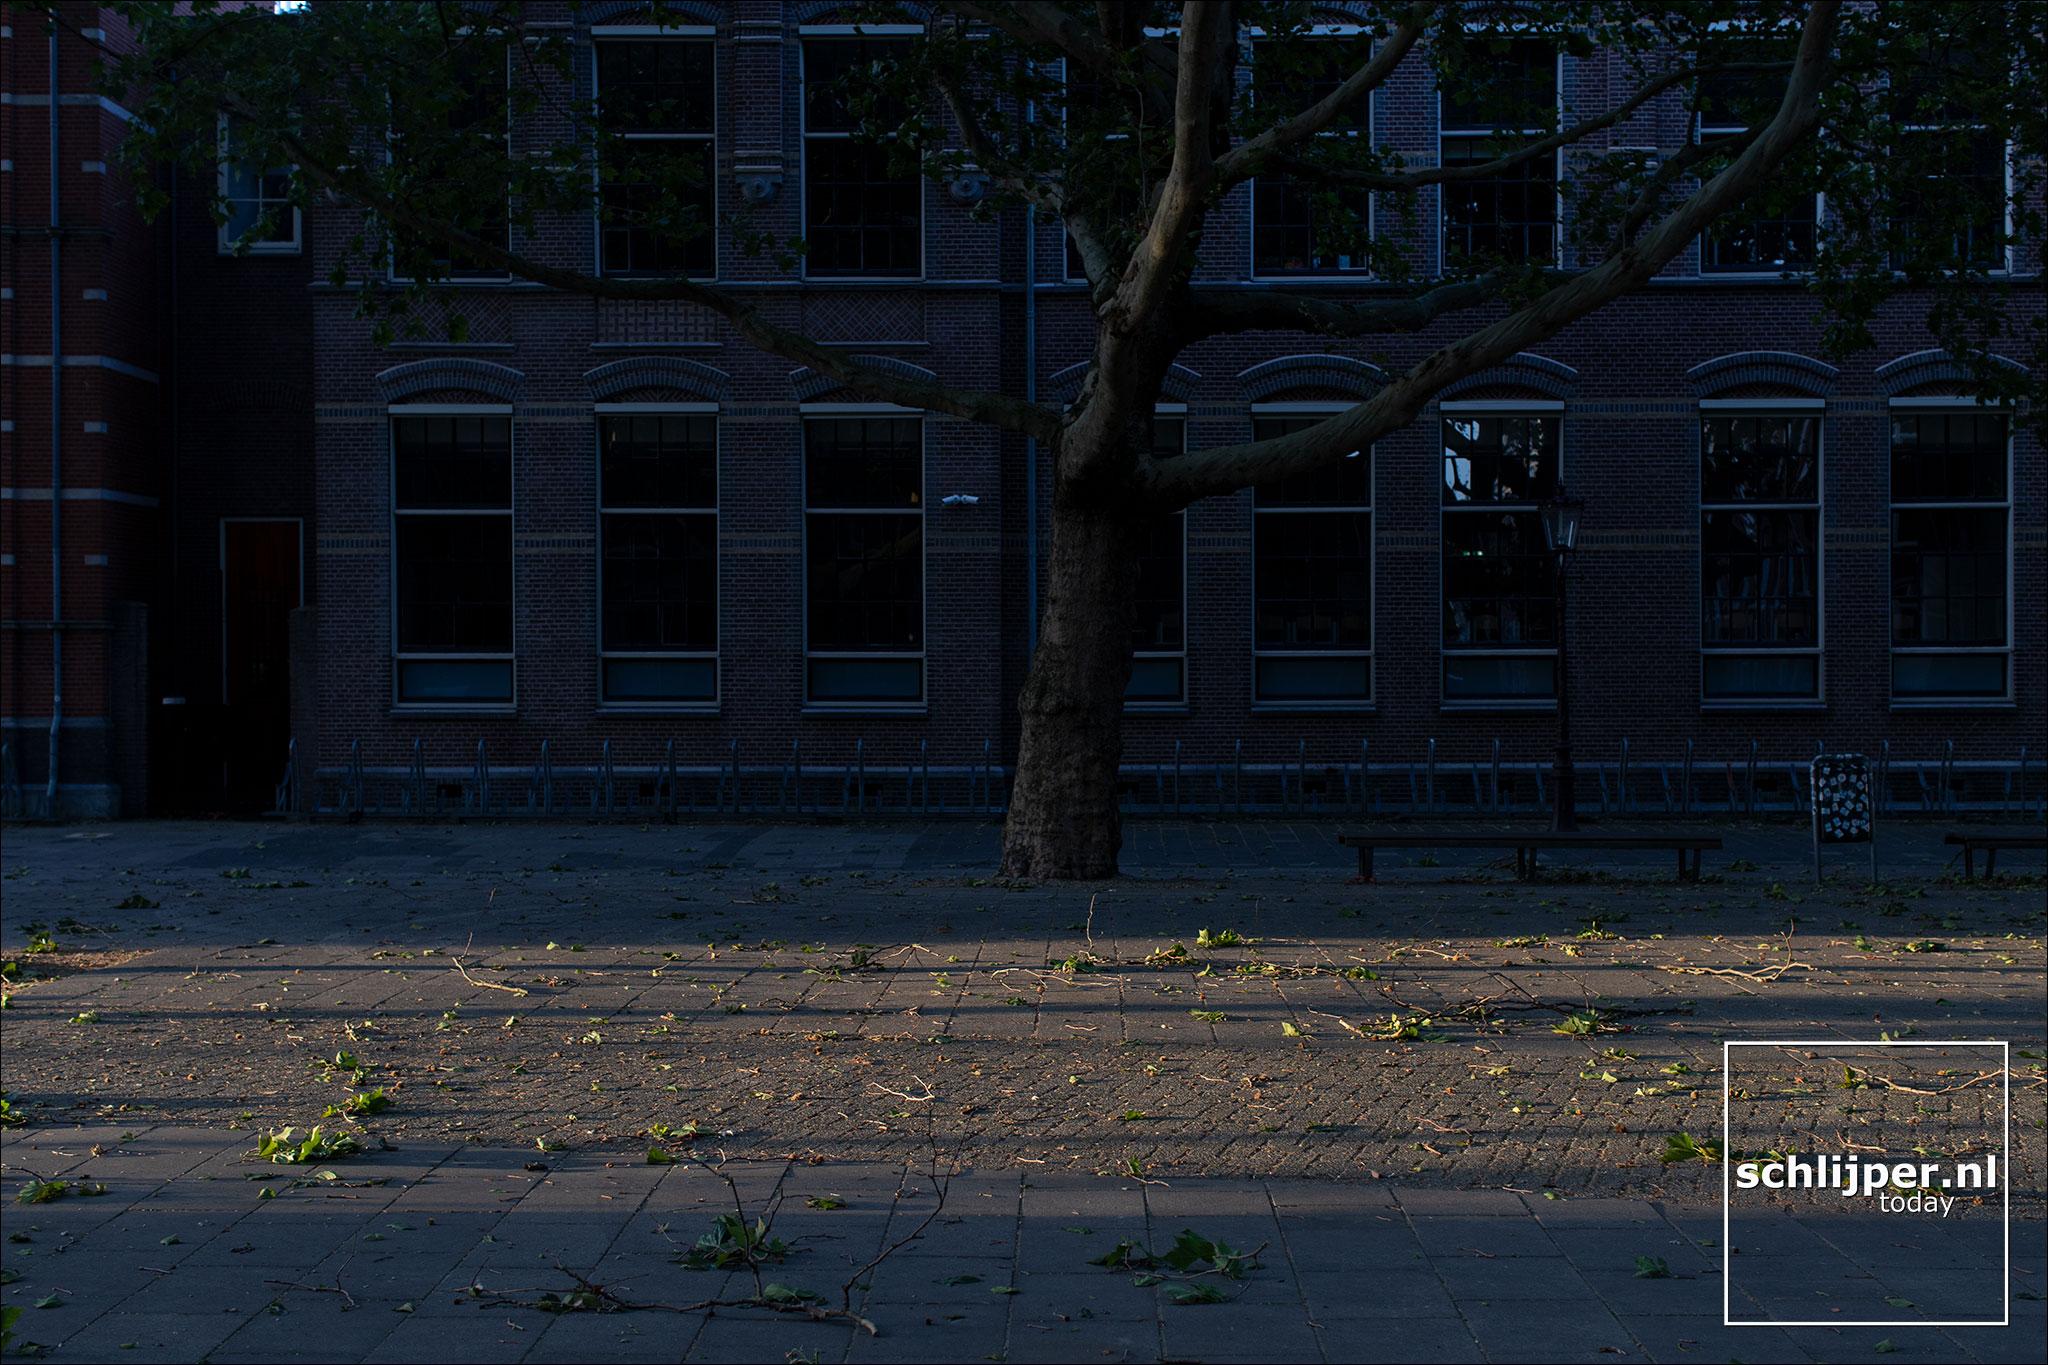 Nederland, Amsterdam, 10 augustus 2019